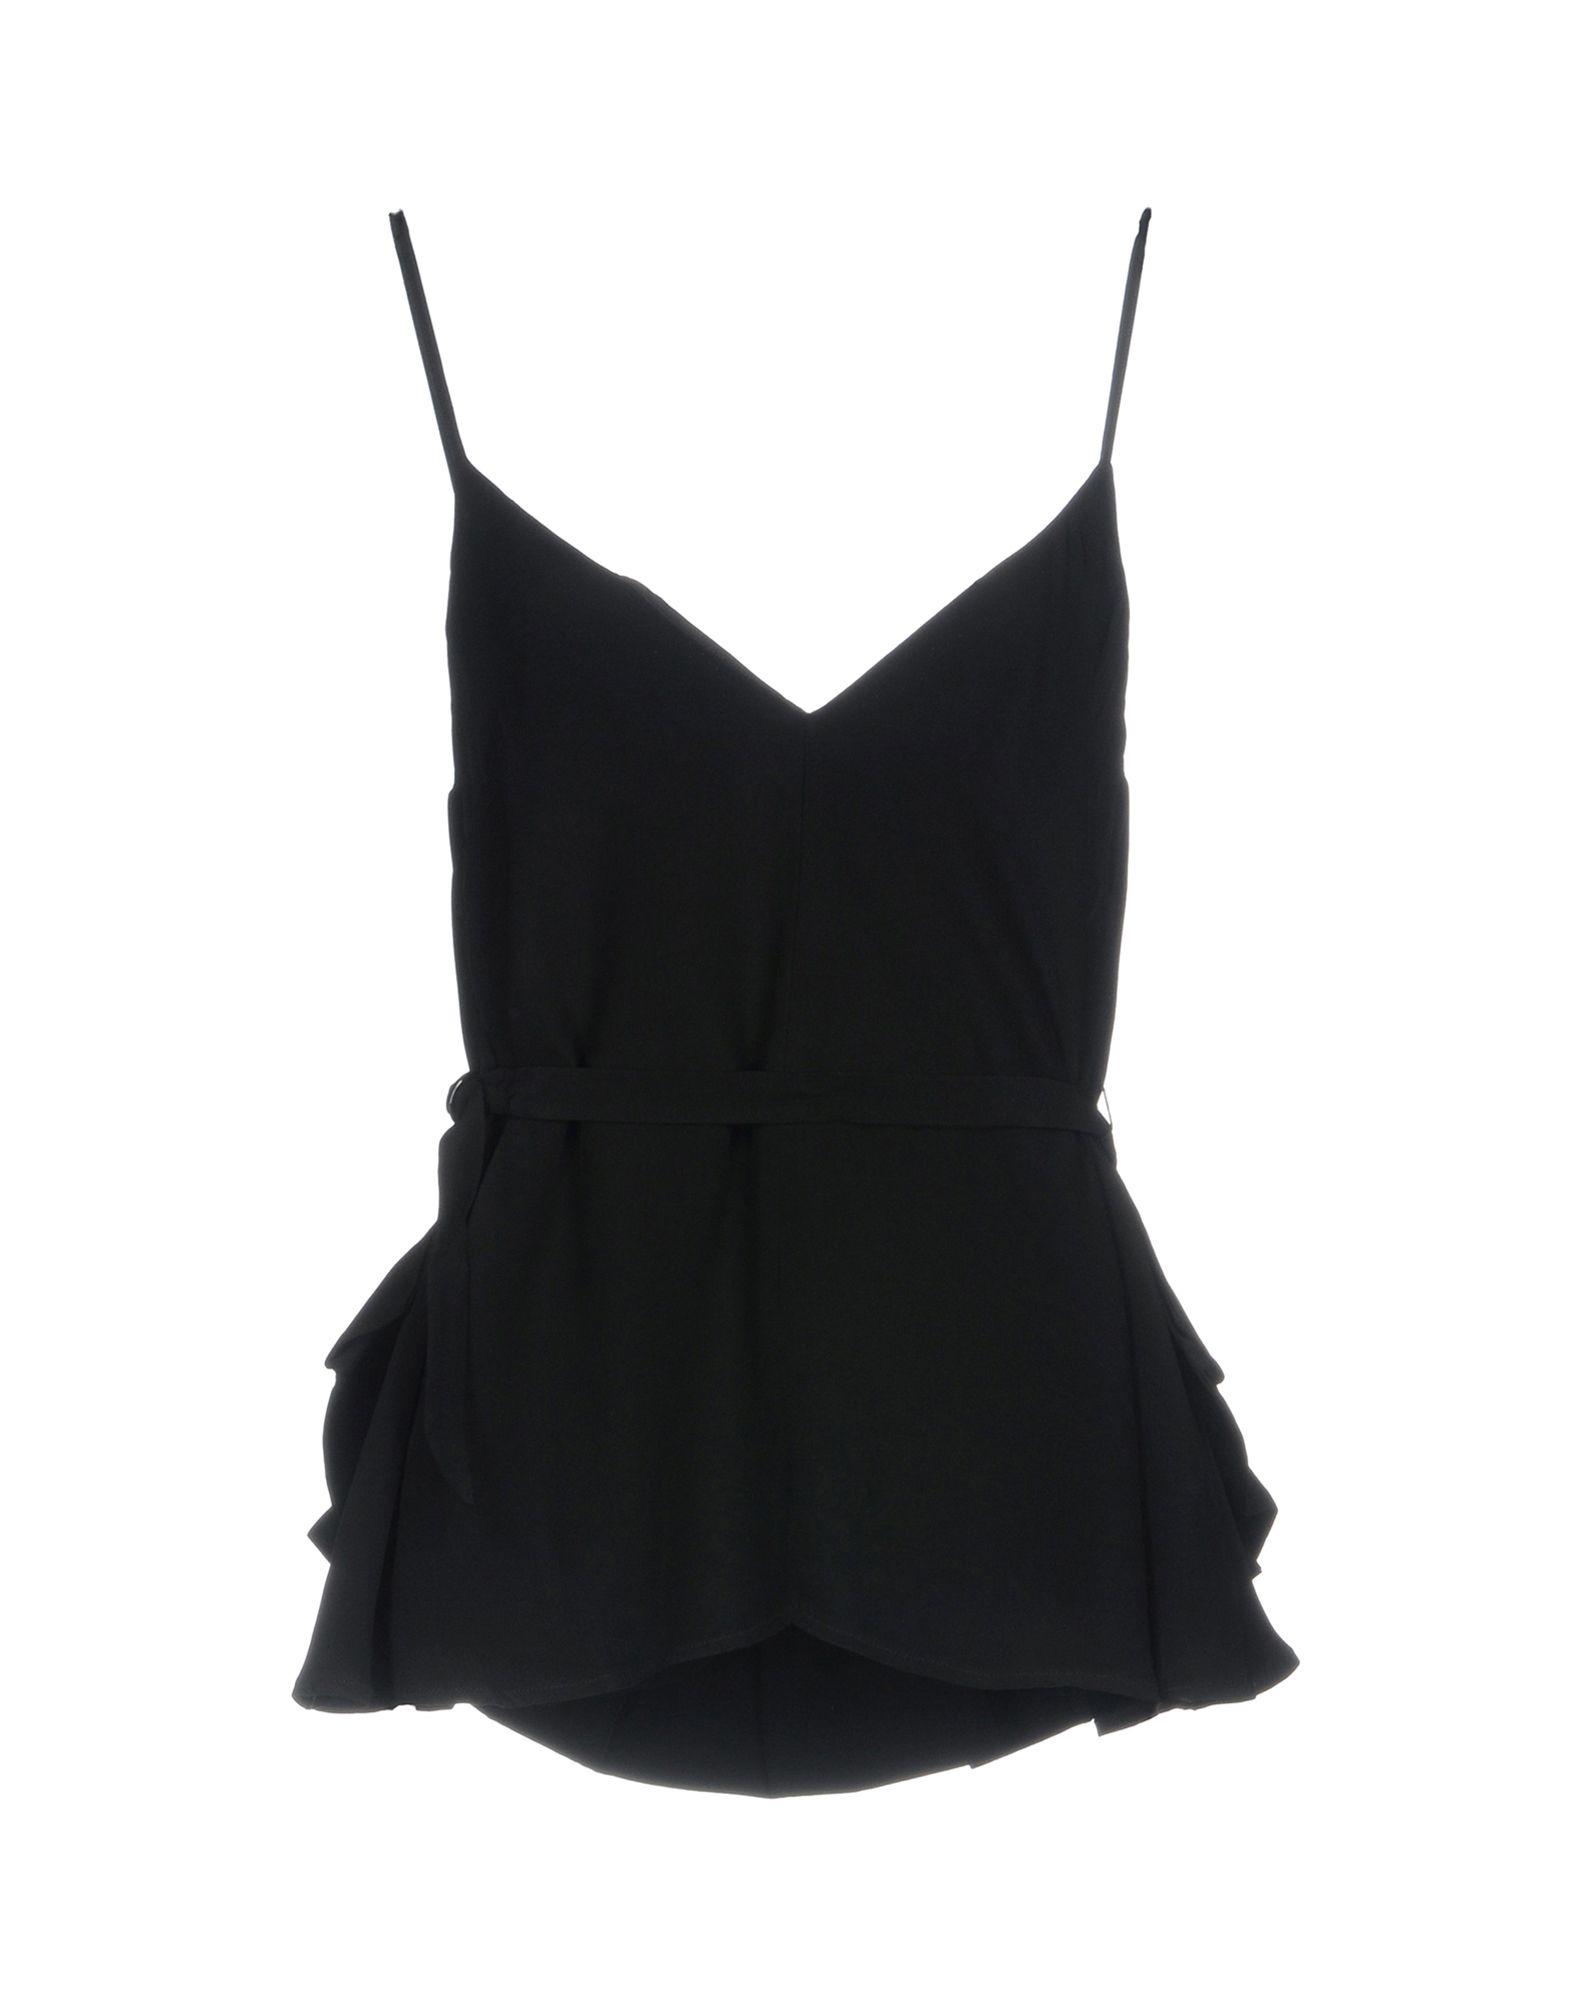 TY-LR Top in Black